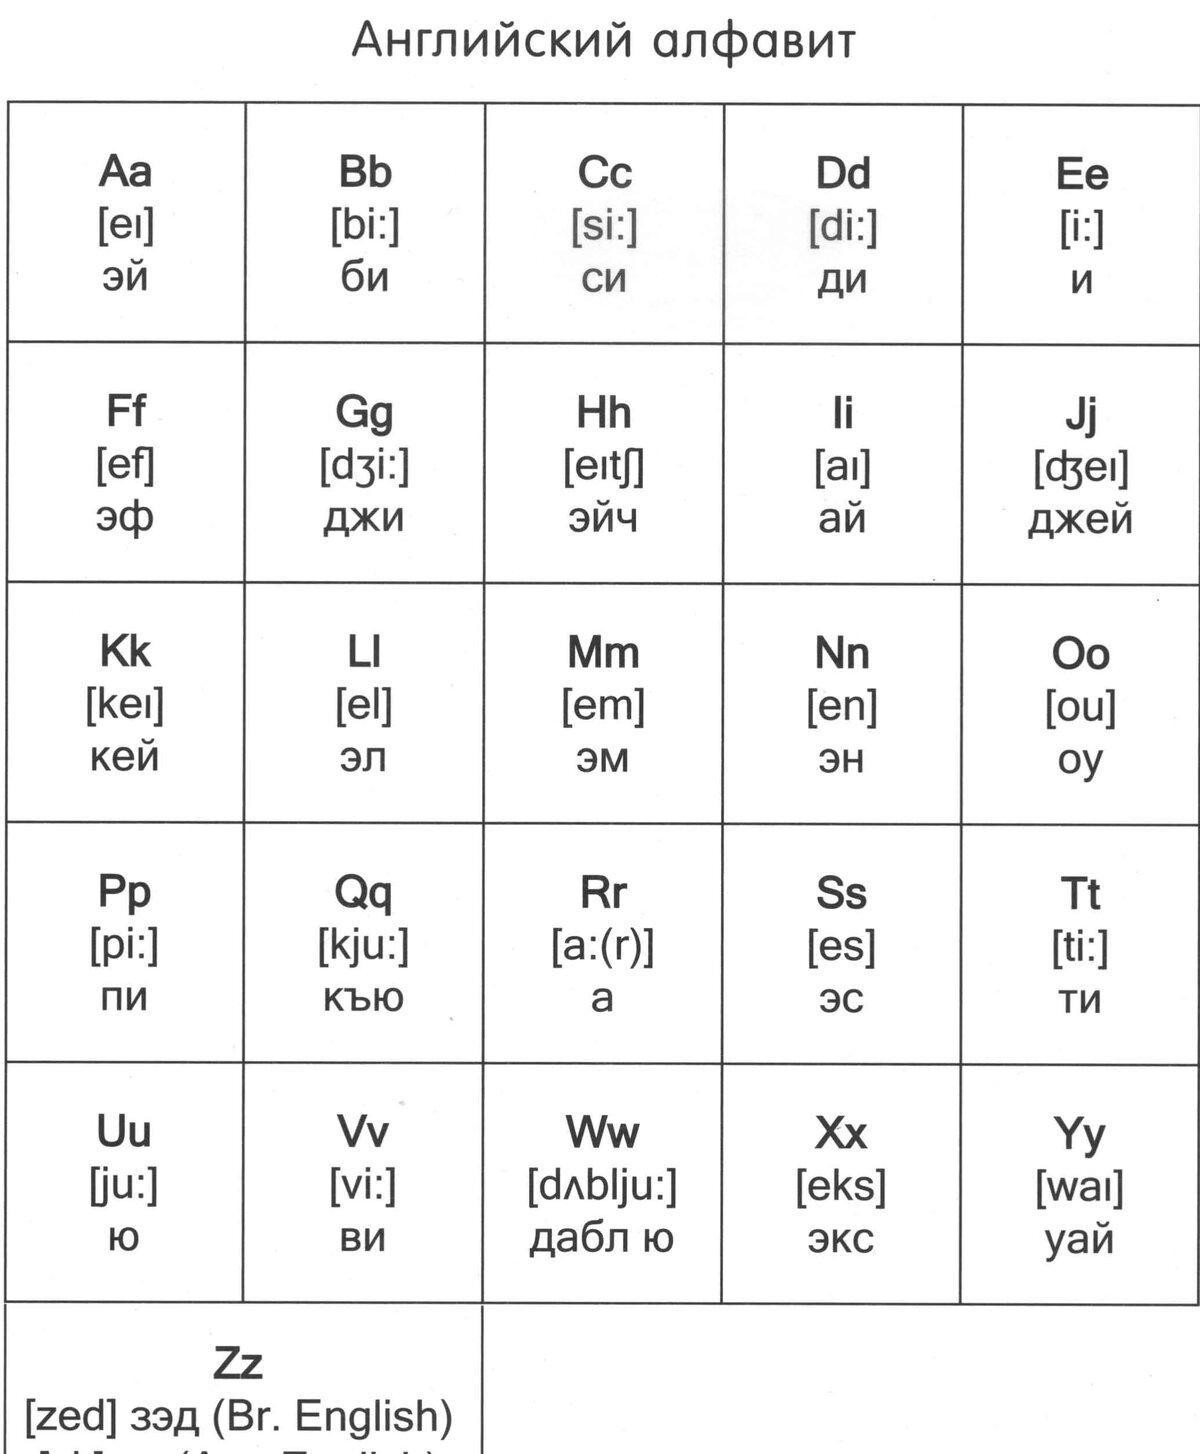 английский и русский алфавит картинки высокой